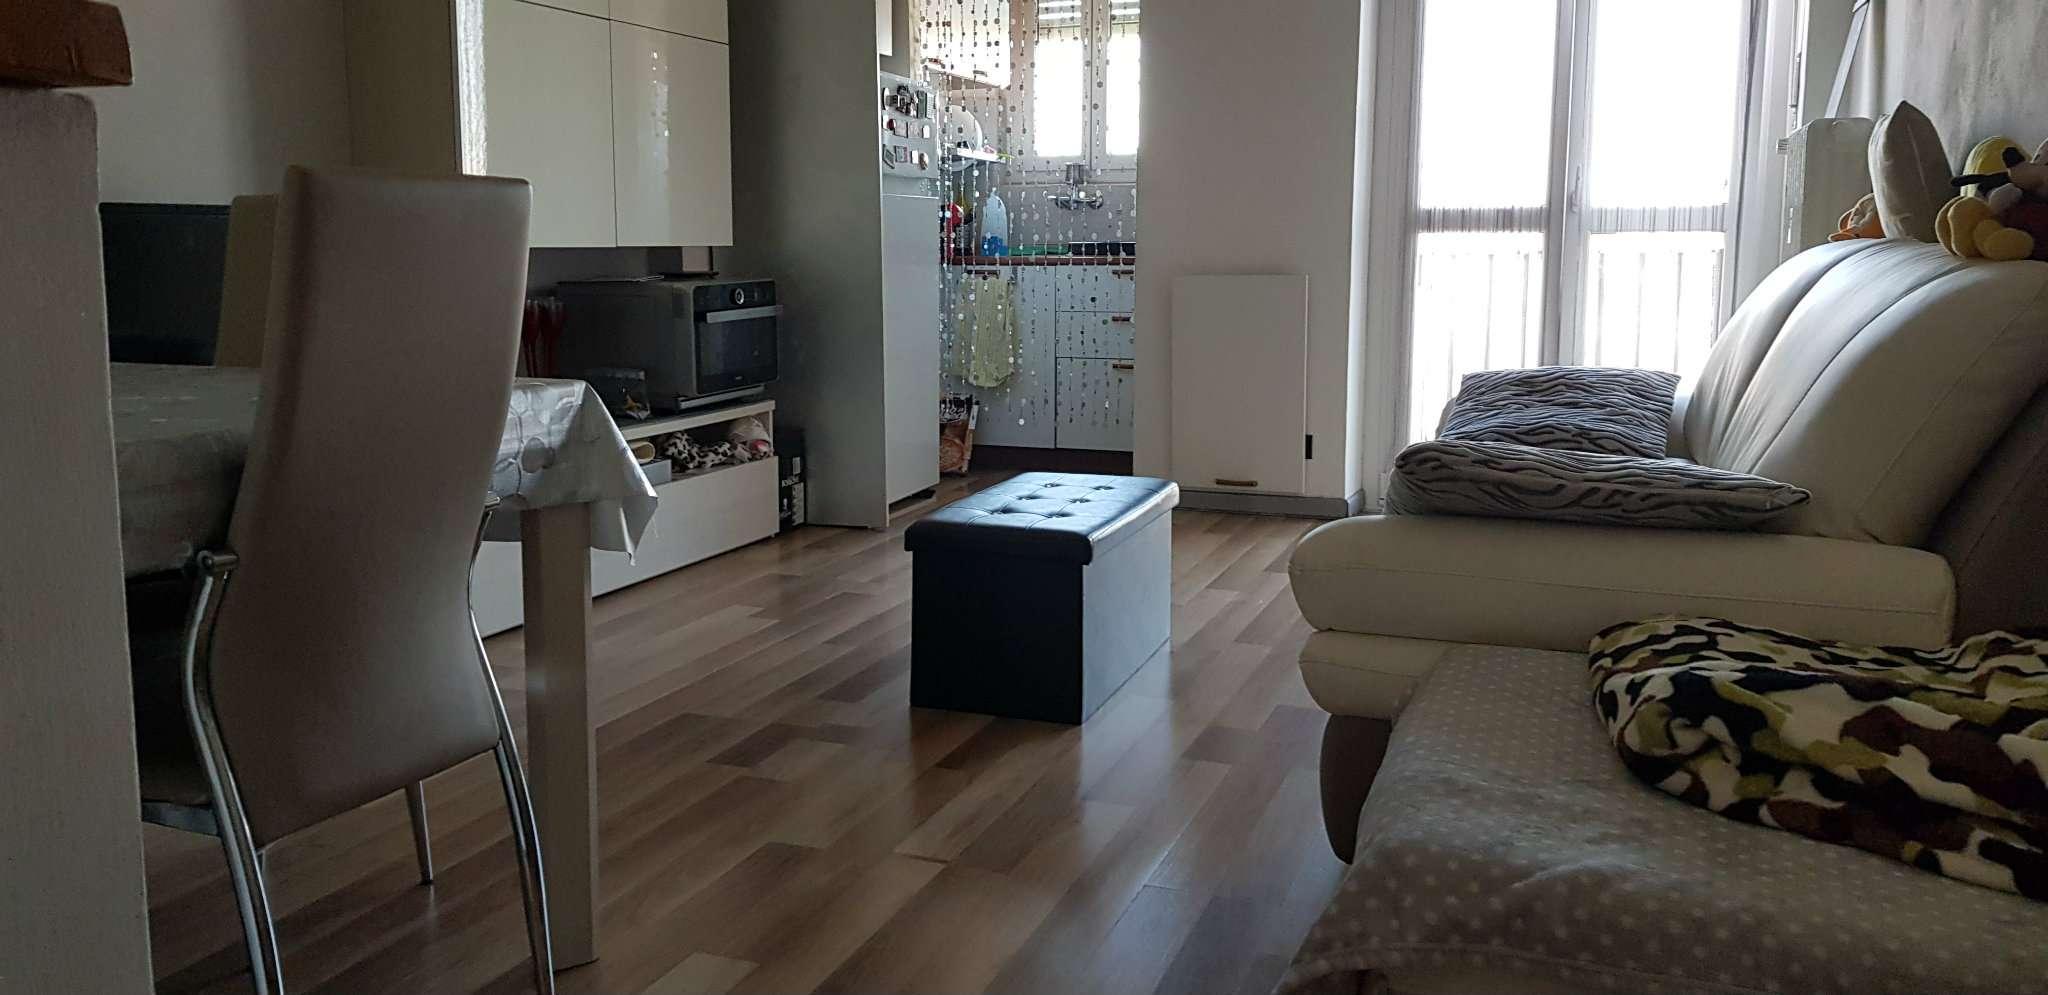 Appartamento in vendita Zona Lucento, Vallette - corso Svizzera 149 Torino